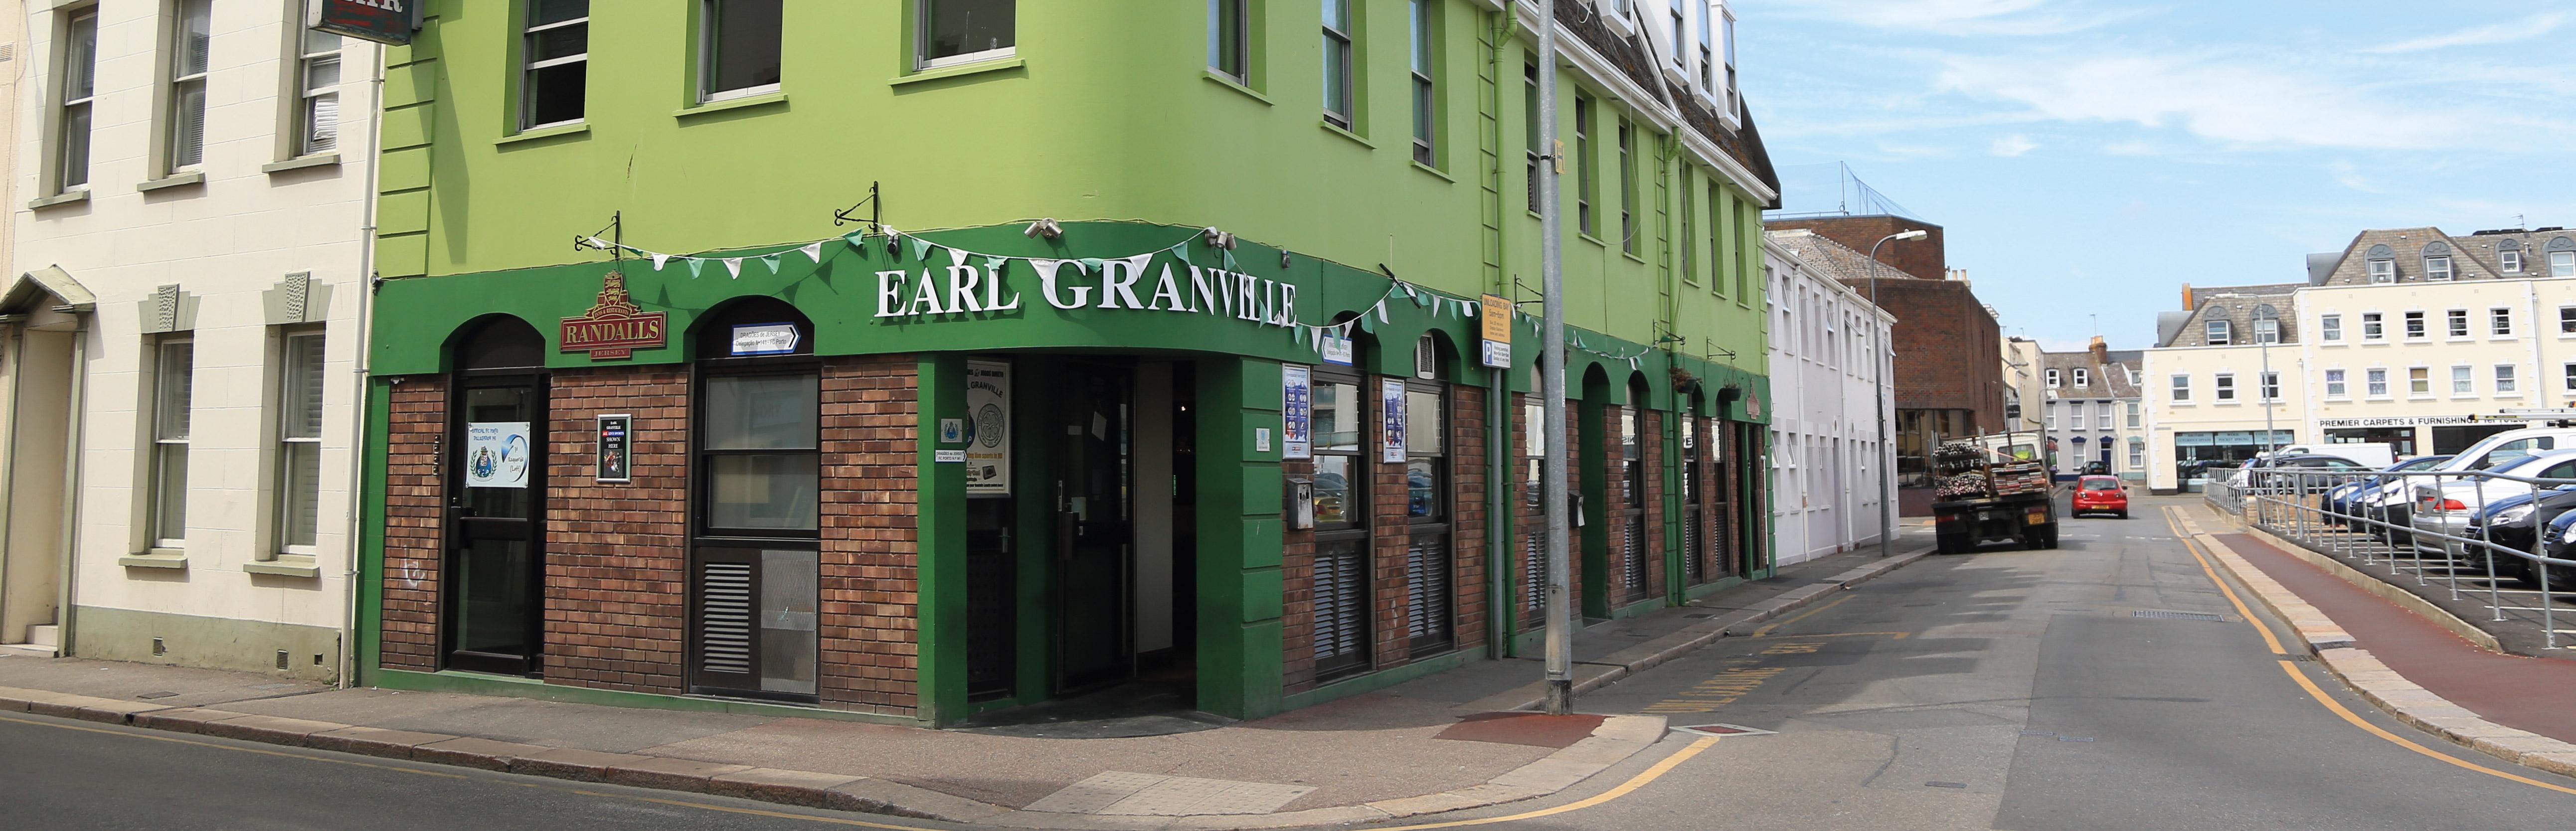 Randalls Earl Granville Pub Jersey